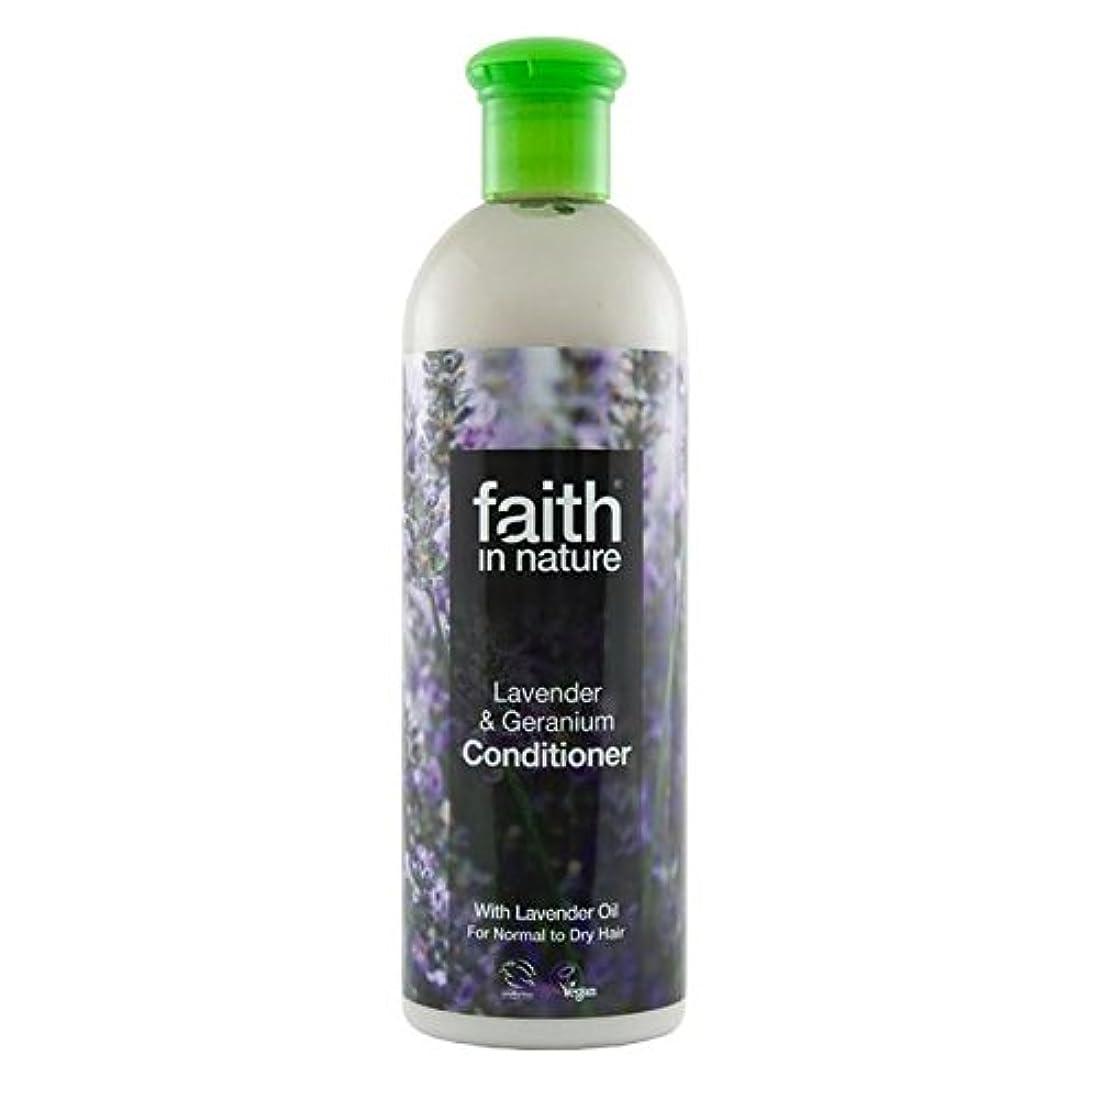 安心させる独創的関係ないFaith in Nature Lavender & Geranium Conditioner 400ml (Pack of 2) - (Faith In Nature) 自然ラベンダー&ゼラニウムコンディショナー400...